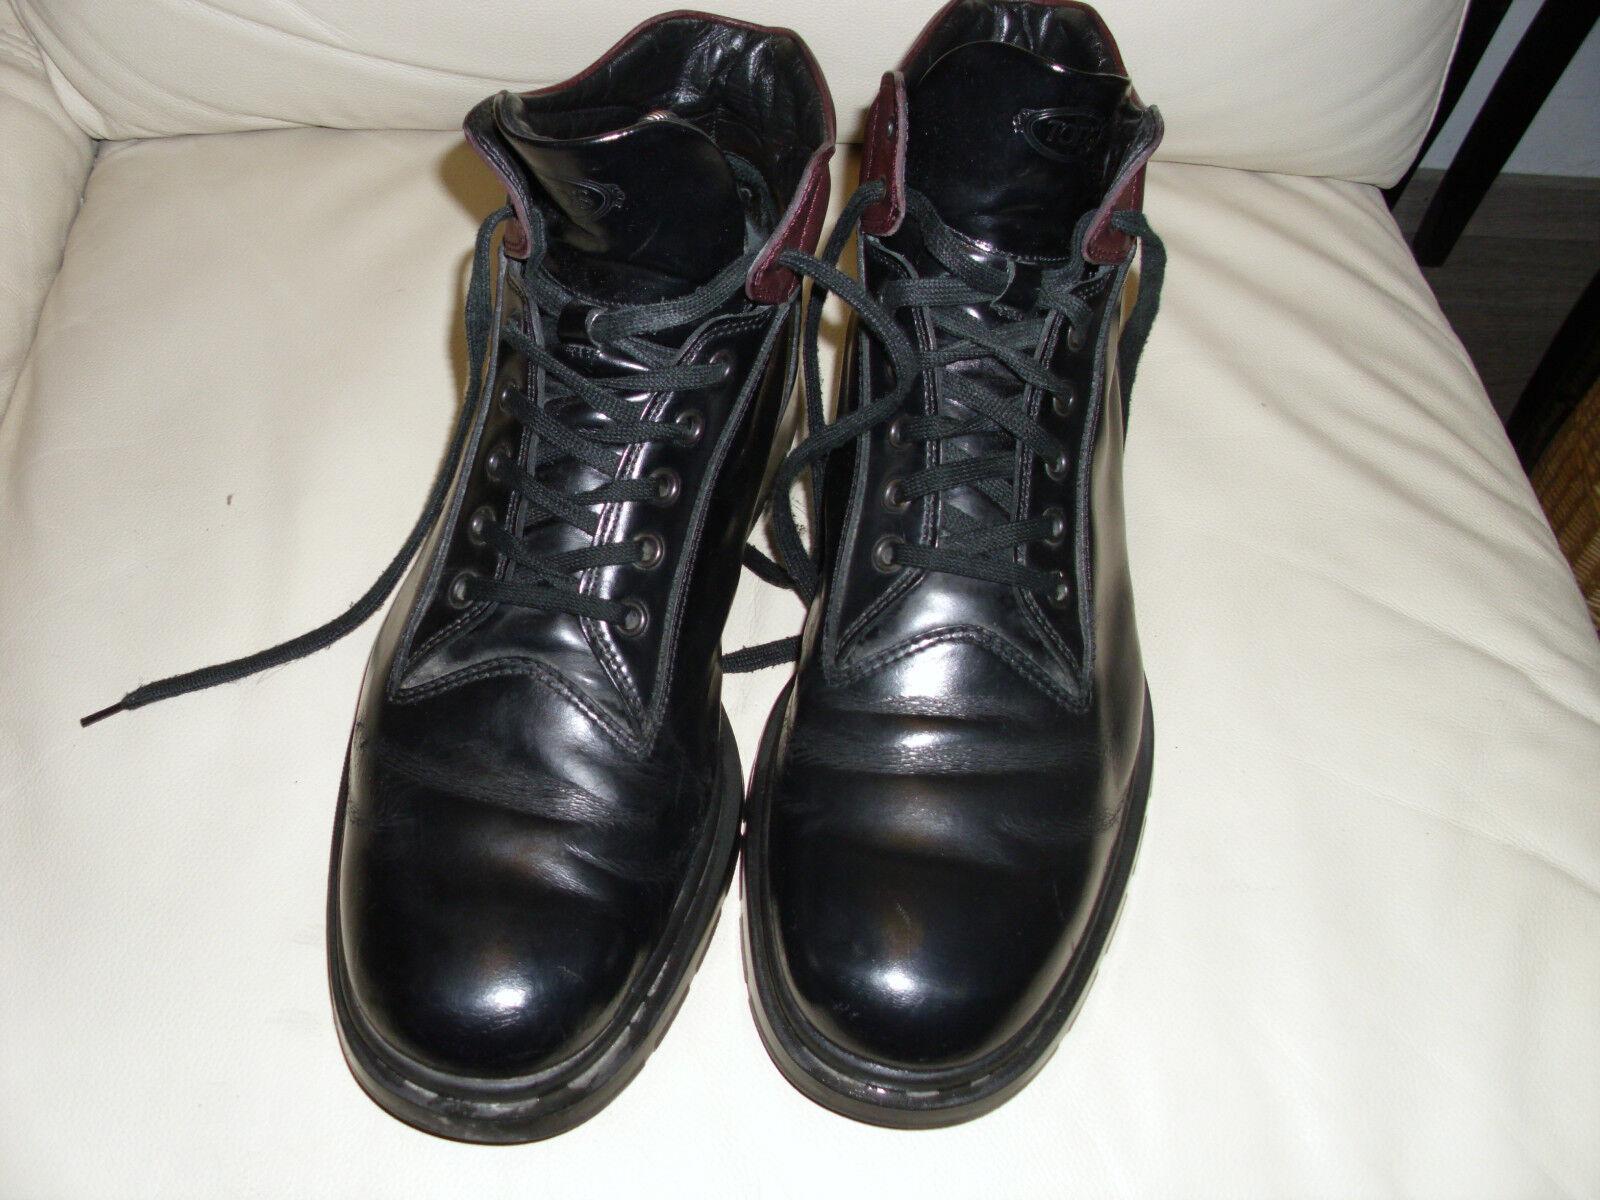 Tod's tods 5 agujeros botas cuero negro burdeos botines NP